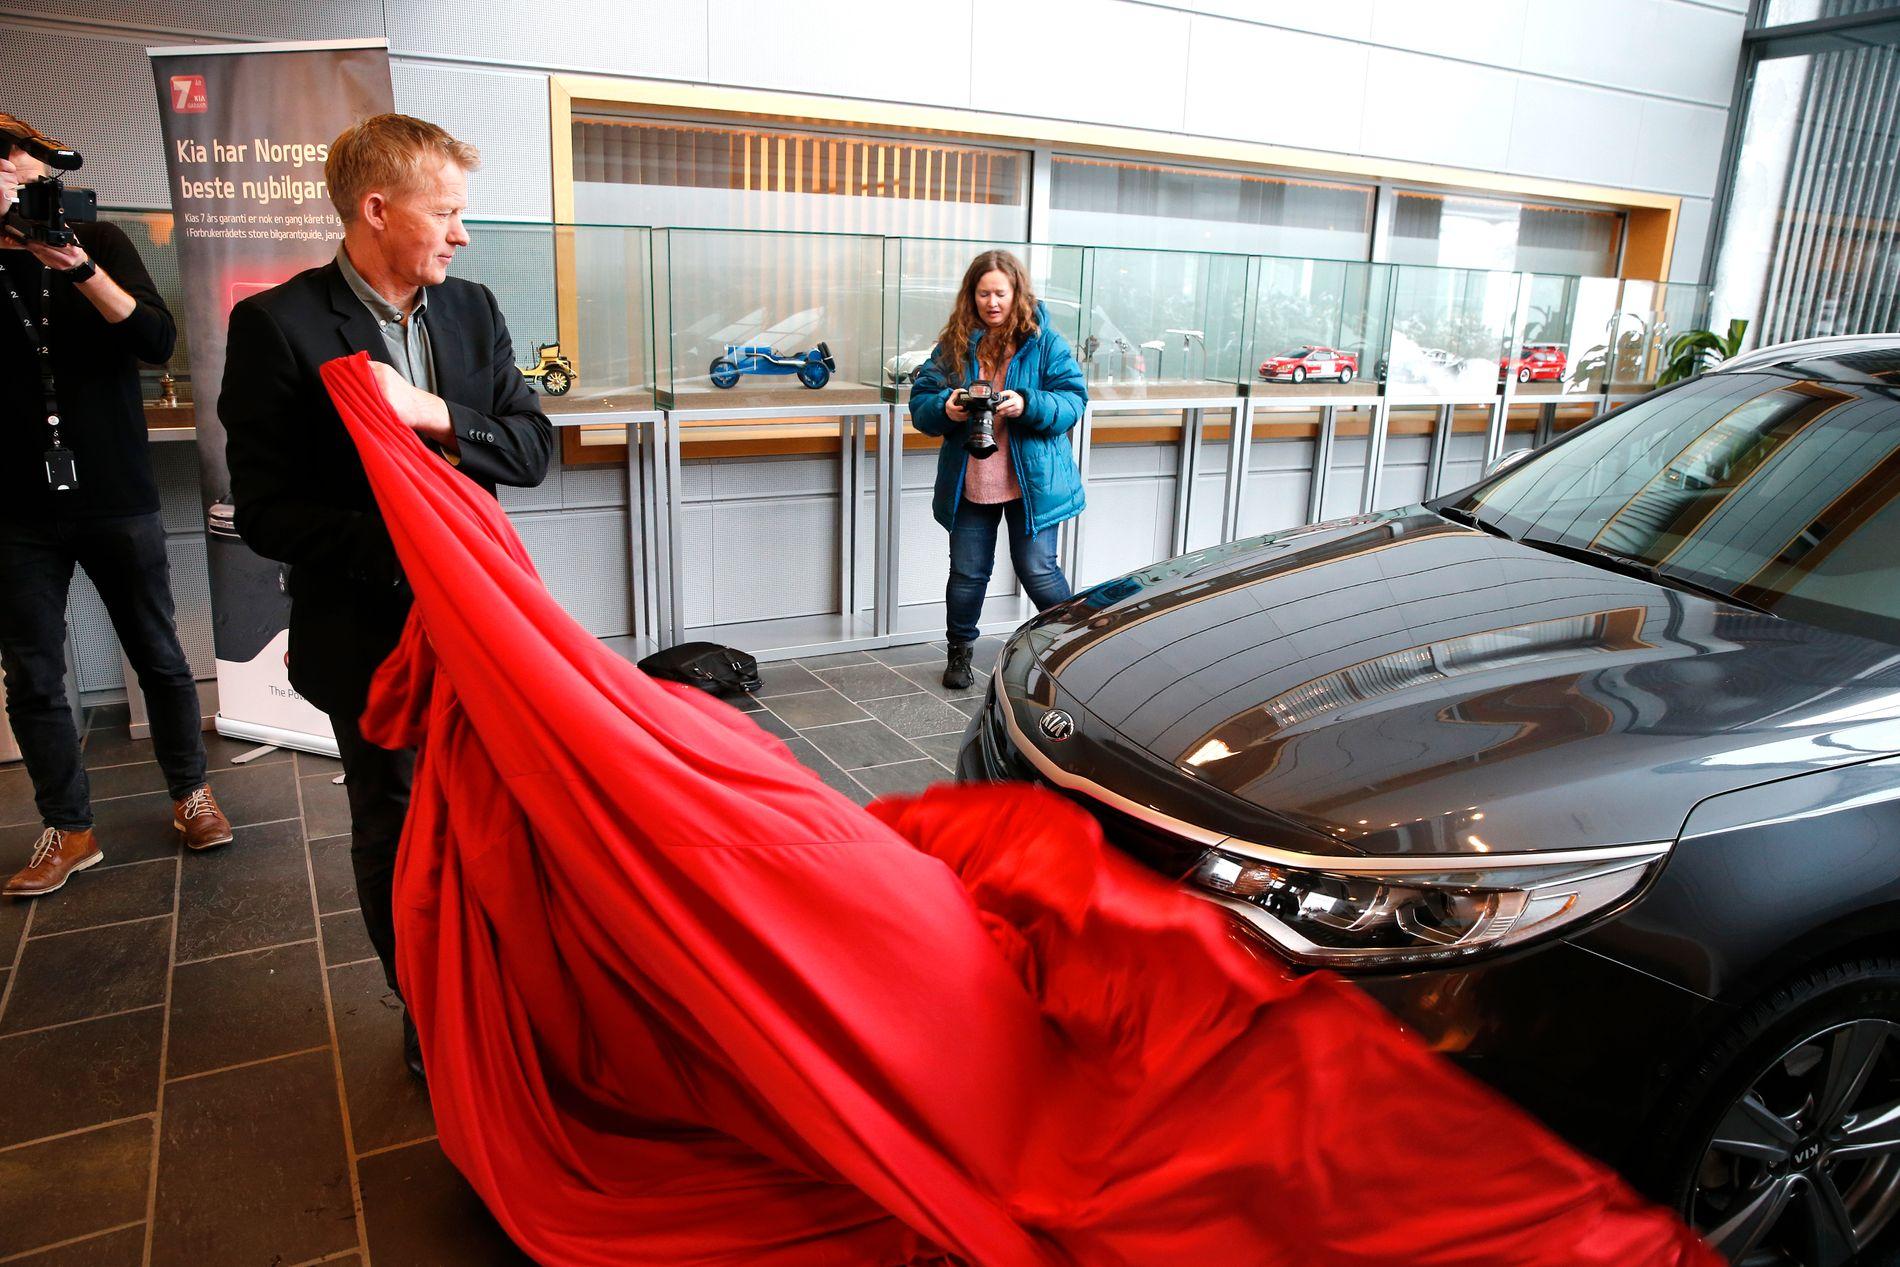 FIKK PREMIEN: Mandag formiddag, dagen etter at han ble feiret som vinner av «Farmen kjendis», kunne Pål Anders Ullevålseter ta imot en splitter ny bil av merket Kia.